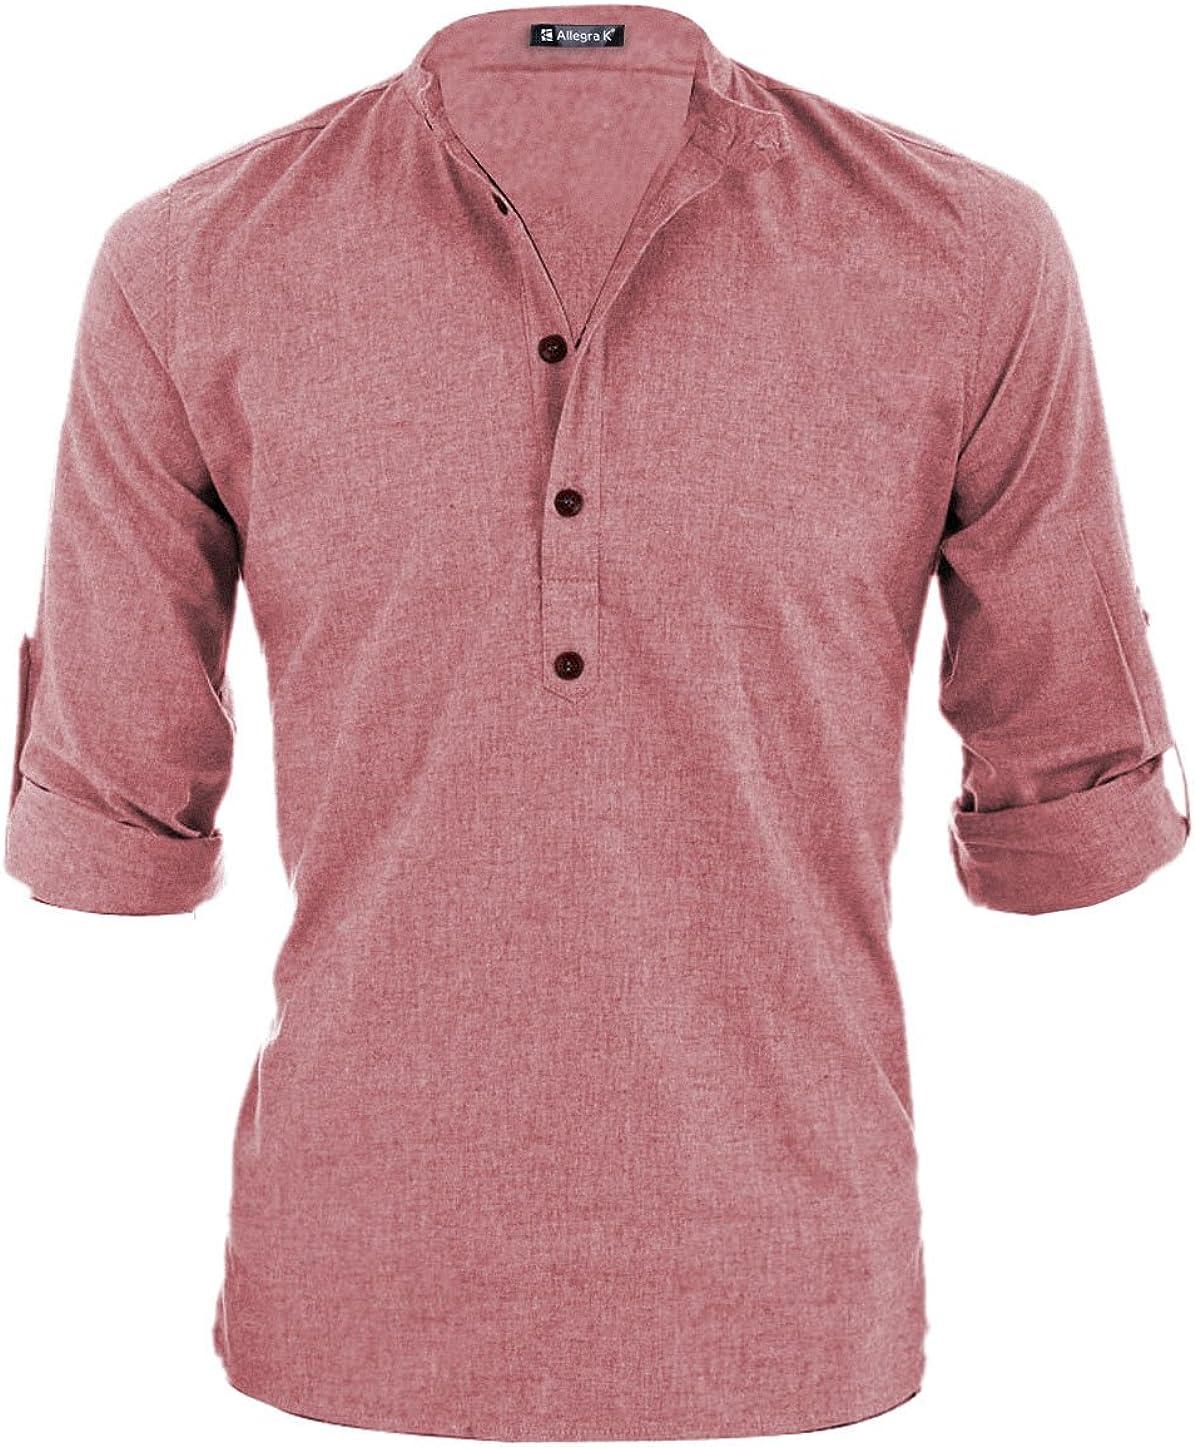 Allegra K Hombre Cuello Mao Mangas Enrolladas Brezo Henley Camisa